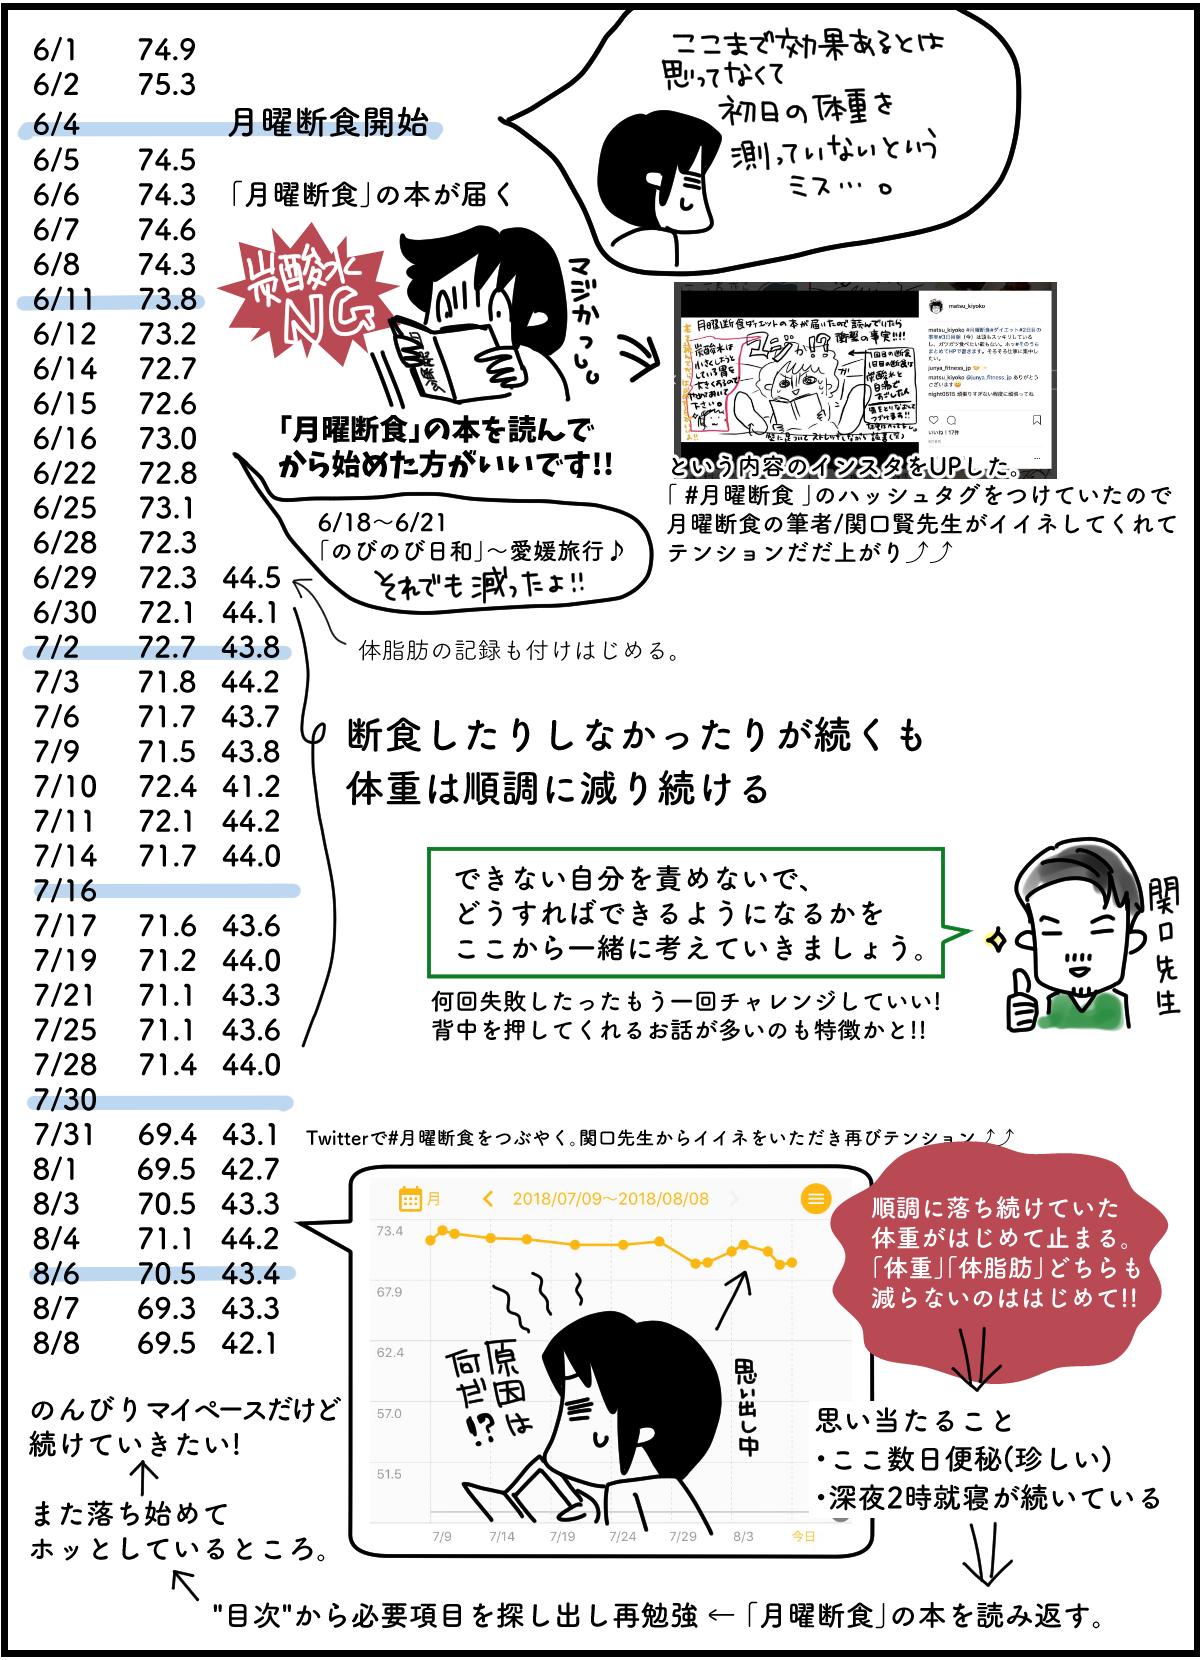 「月曜断食ダイエット」体験談と効果(2)